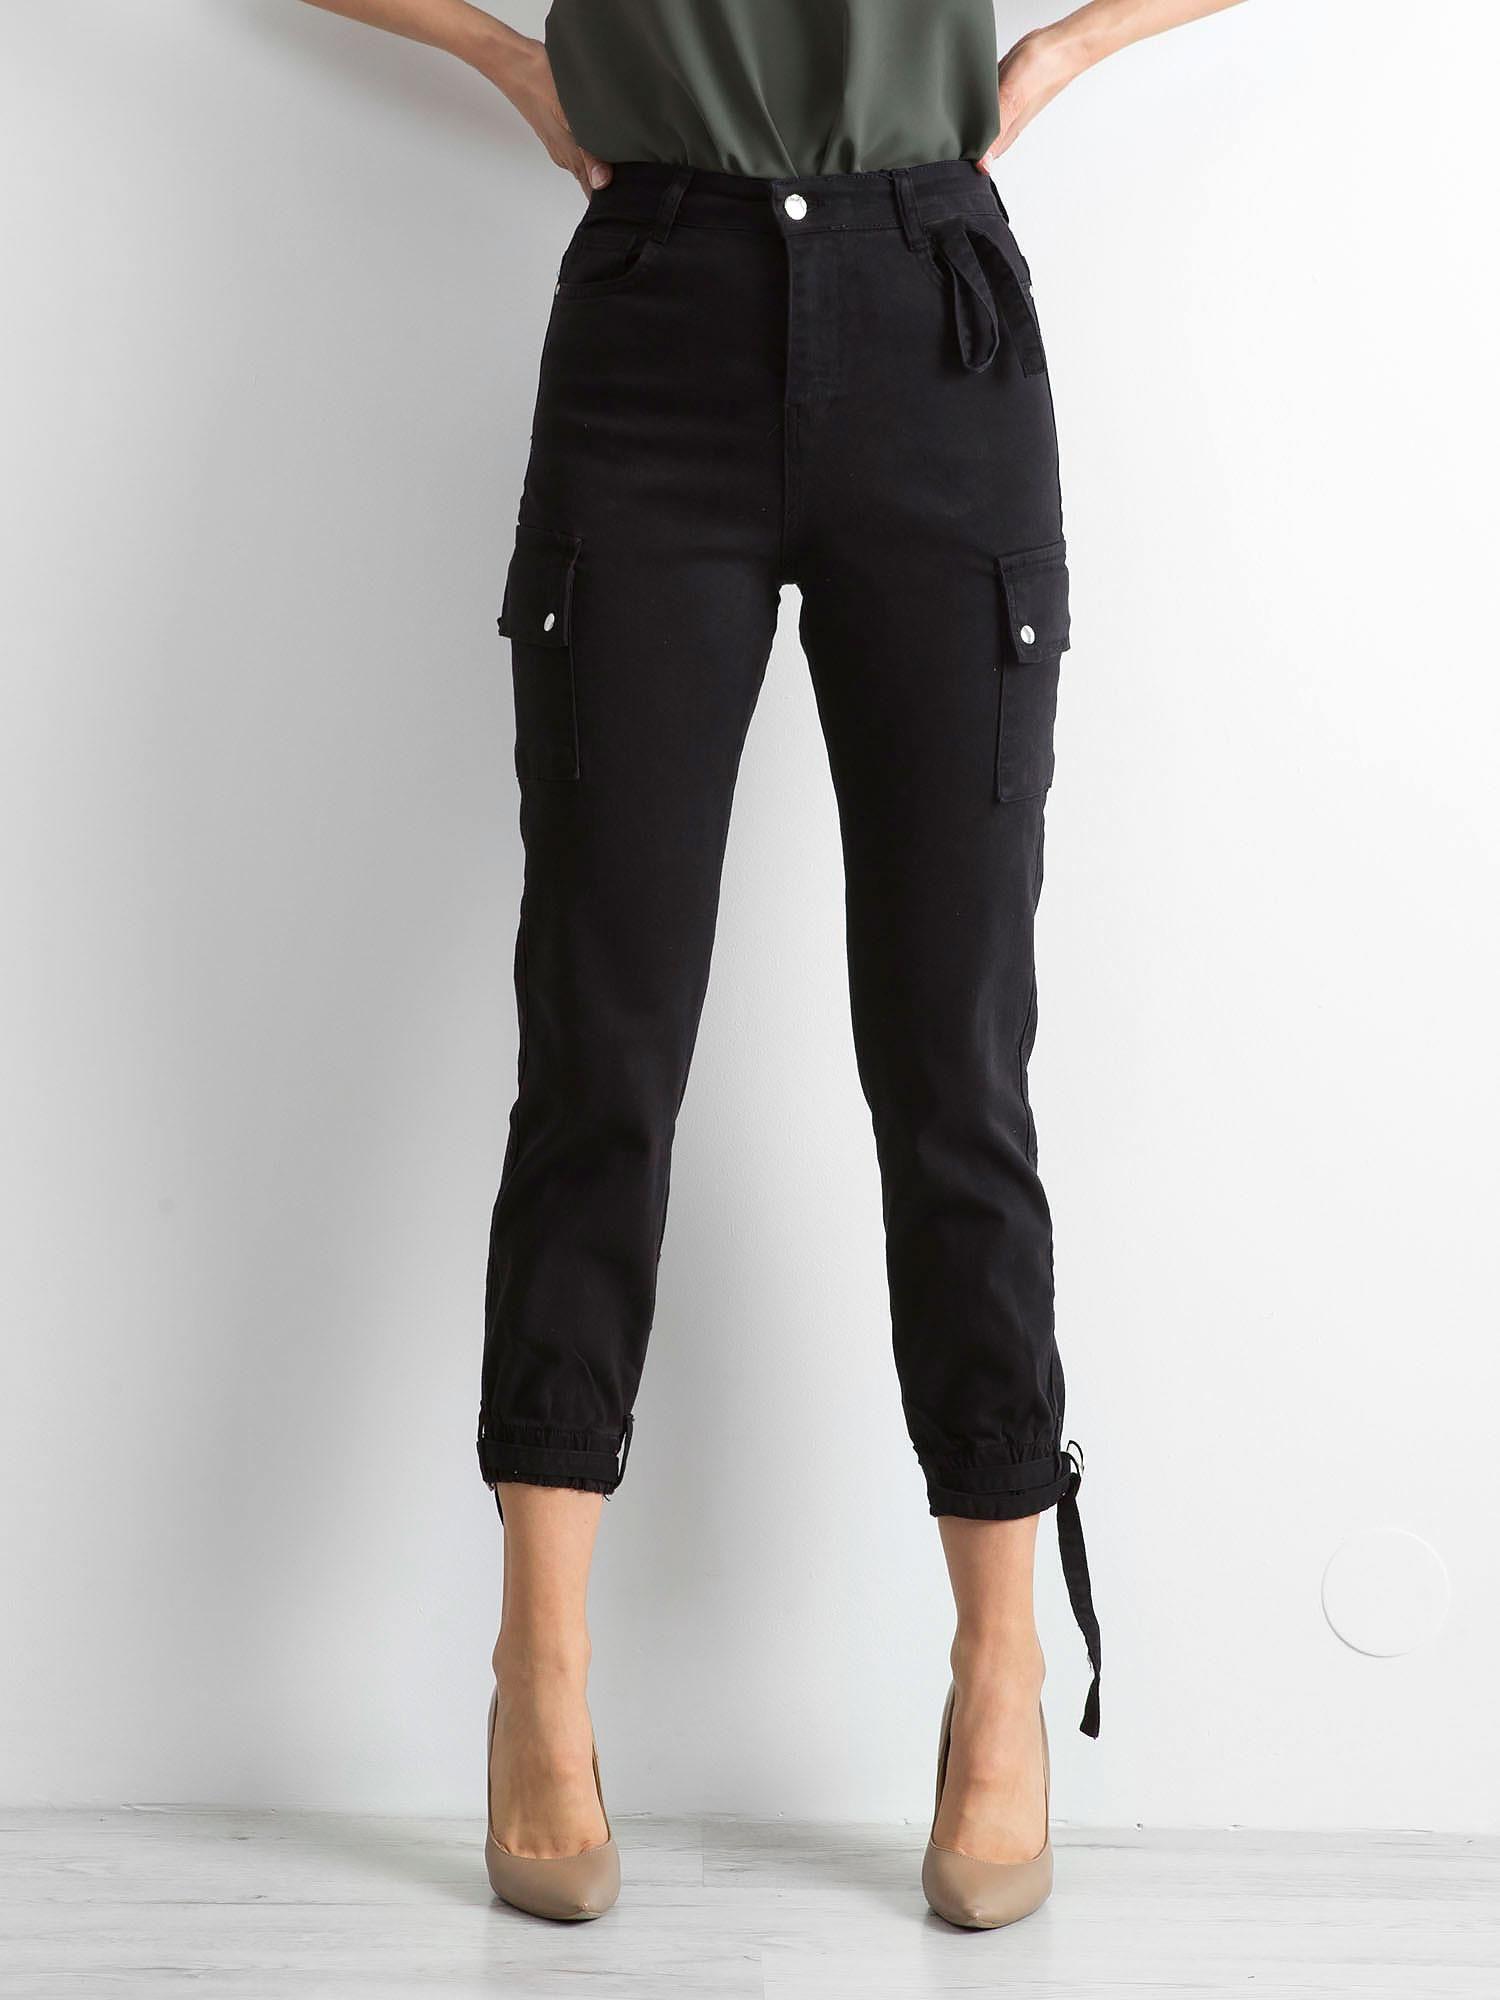 Čierne nohavice s vreckami 34